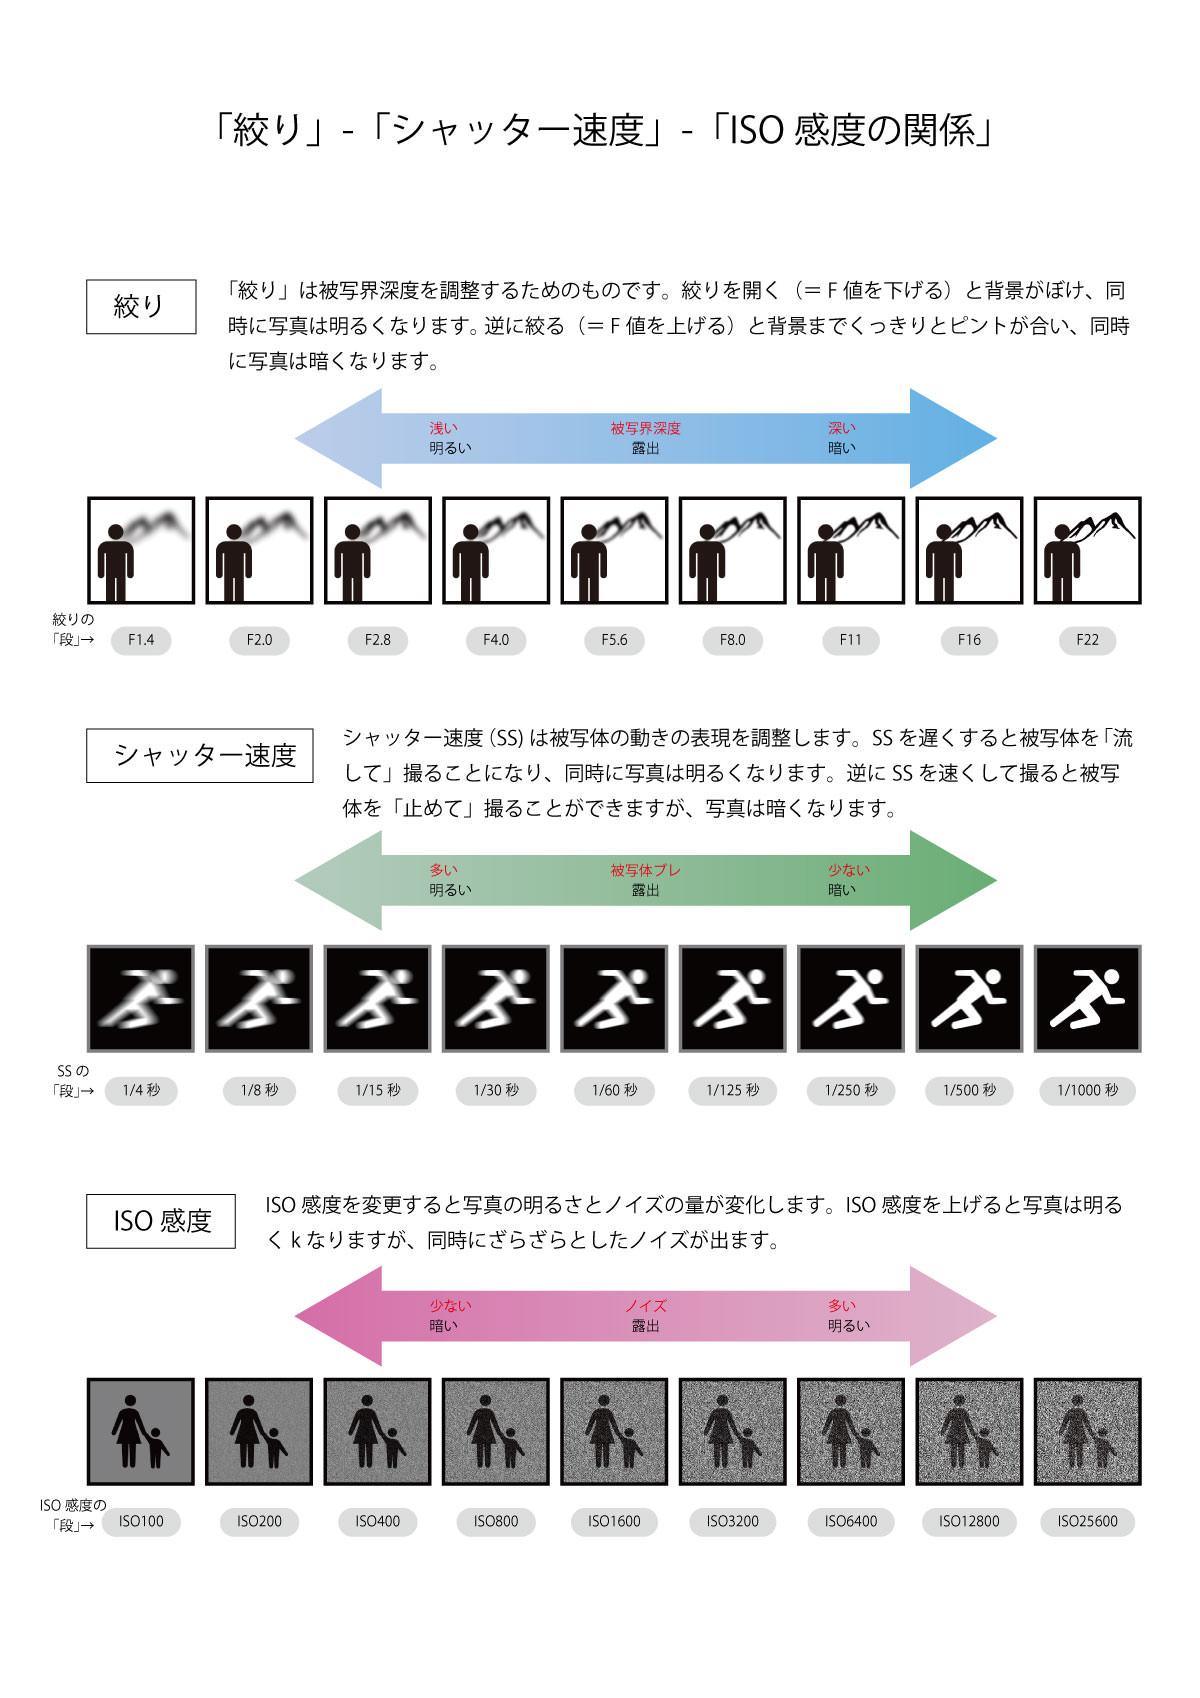 マニュアル撮影_絞り_SS_ISOの特徴